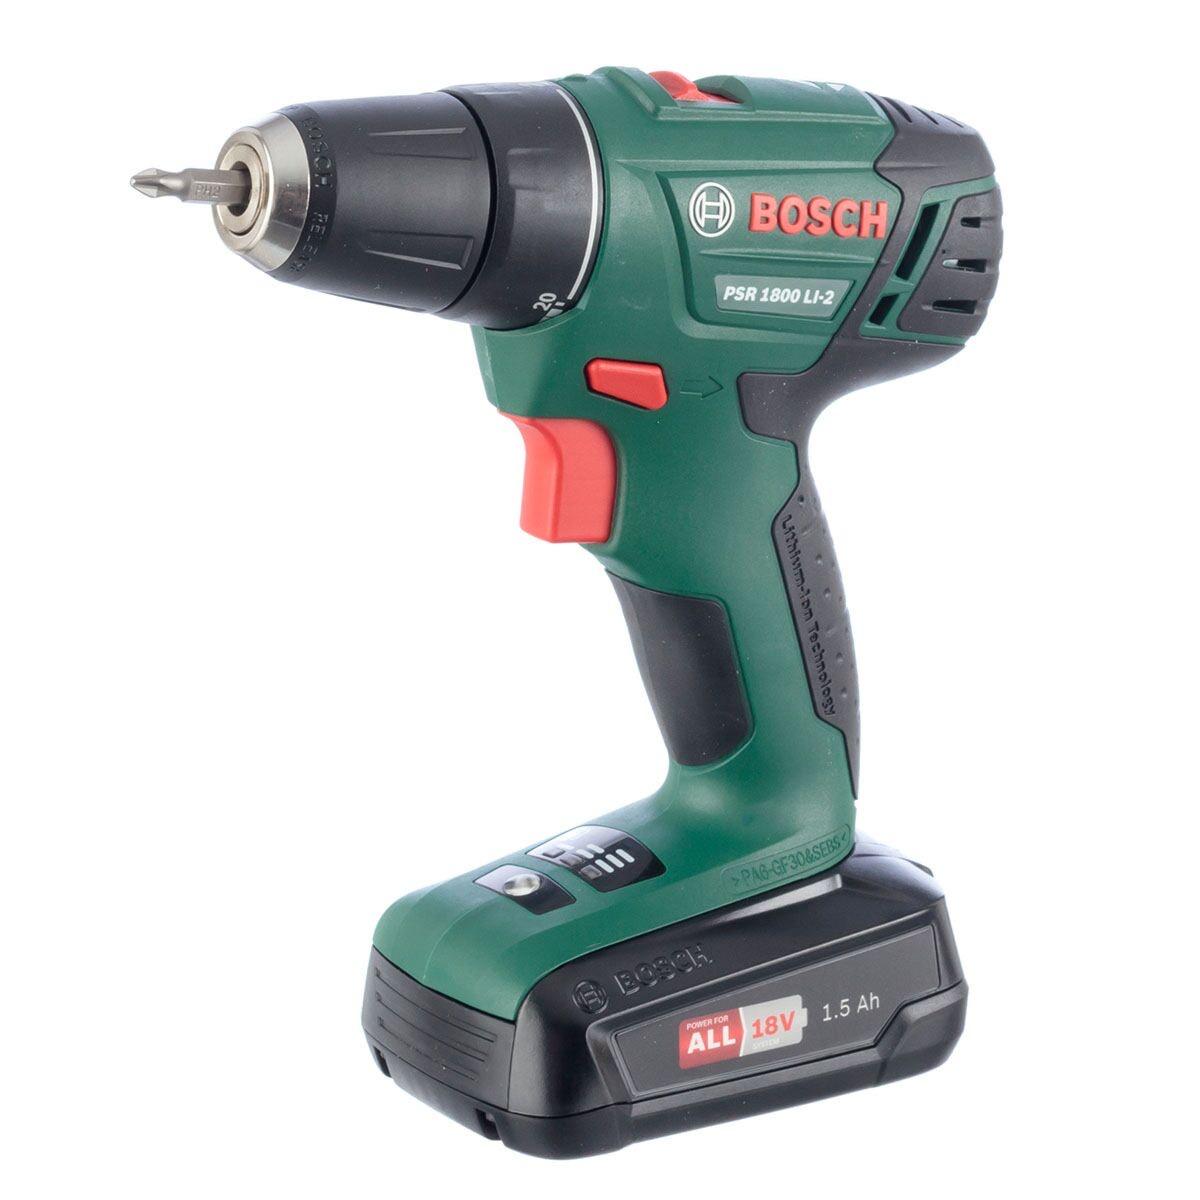 Bosch PSR 1800 18V Cordless Power Drill £59.99 @ Robert Dyas